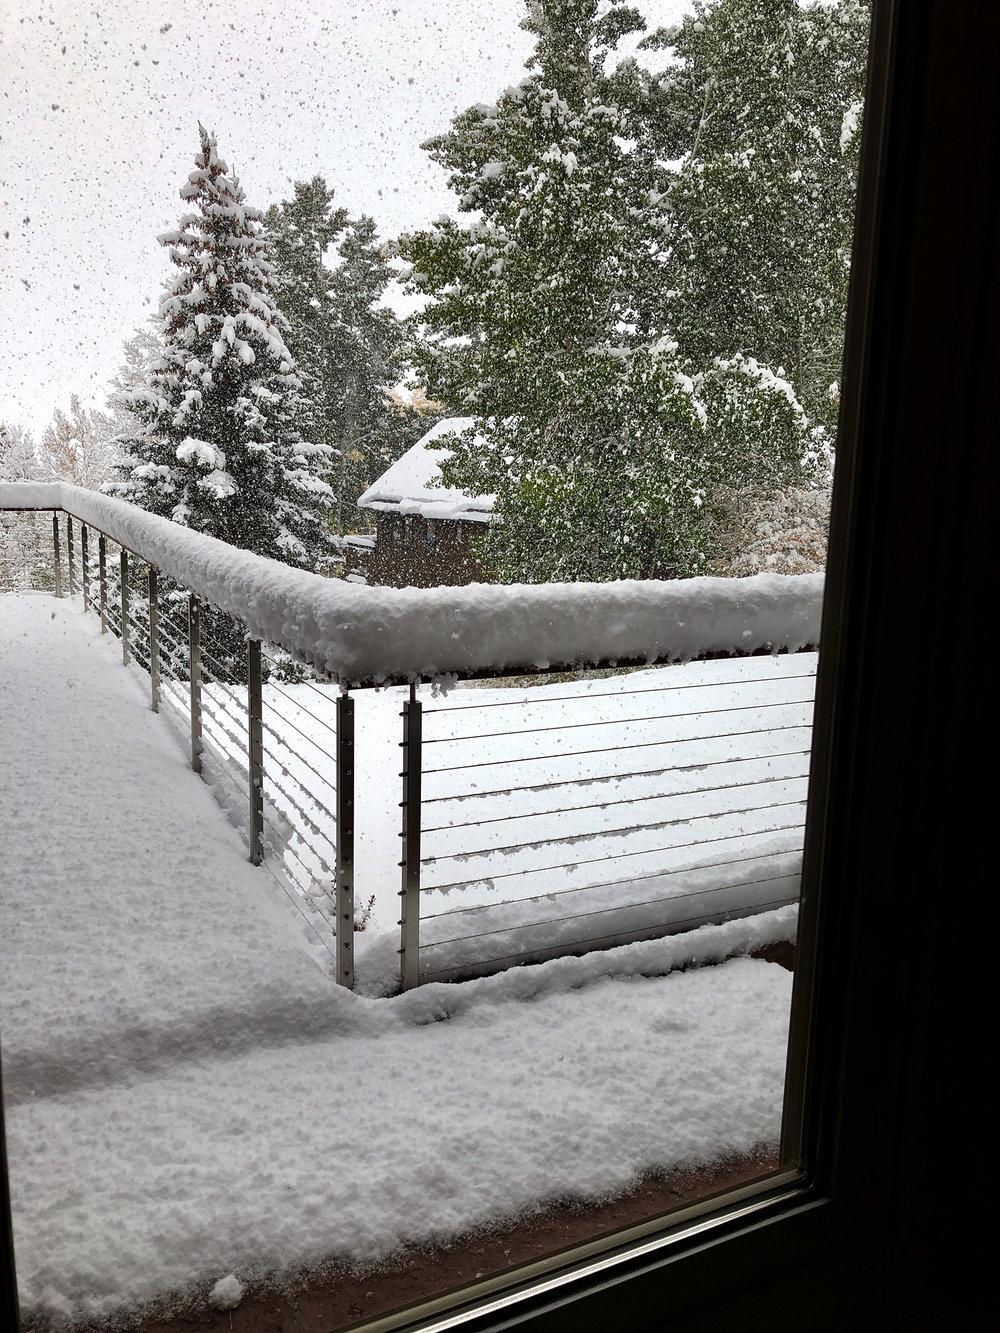 site-10-11-18 snowmass snowfall.jpg